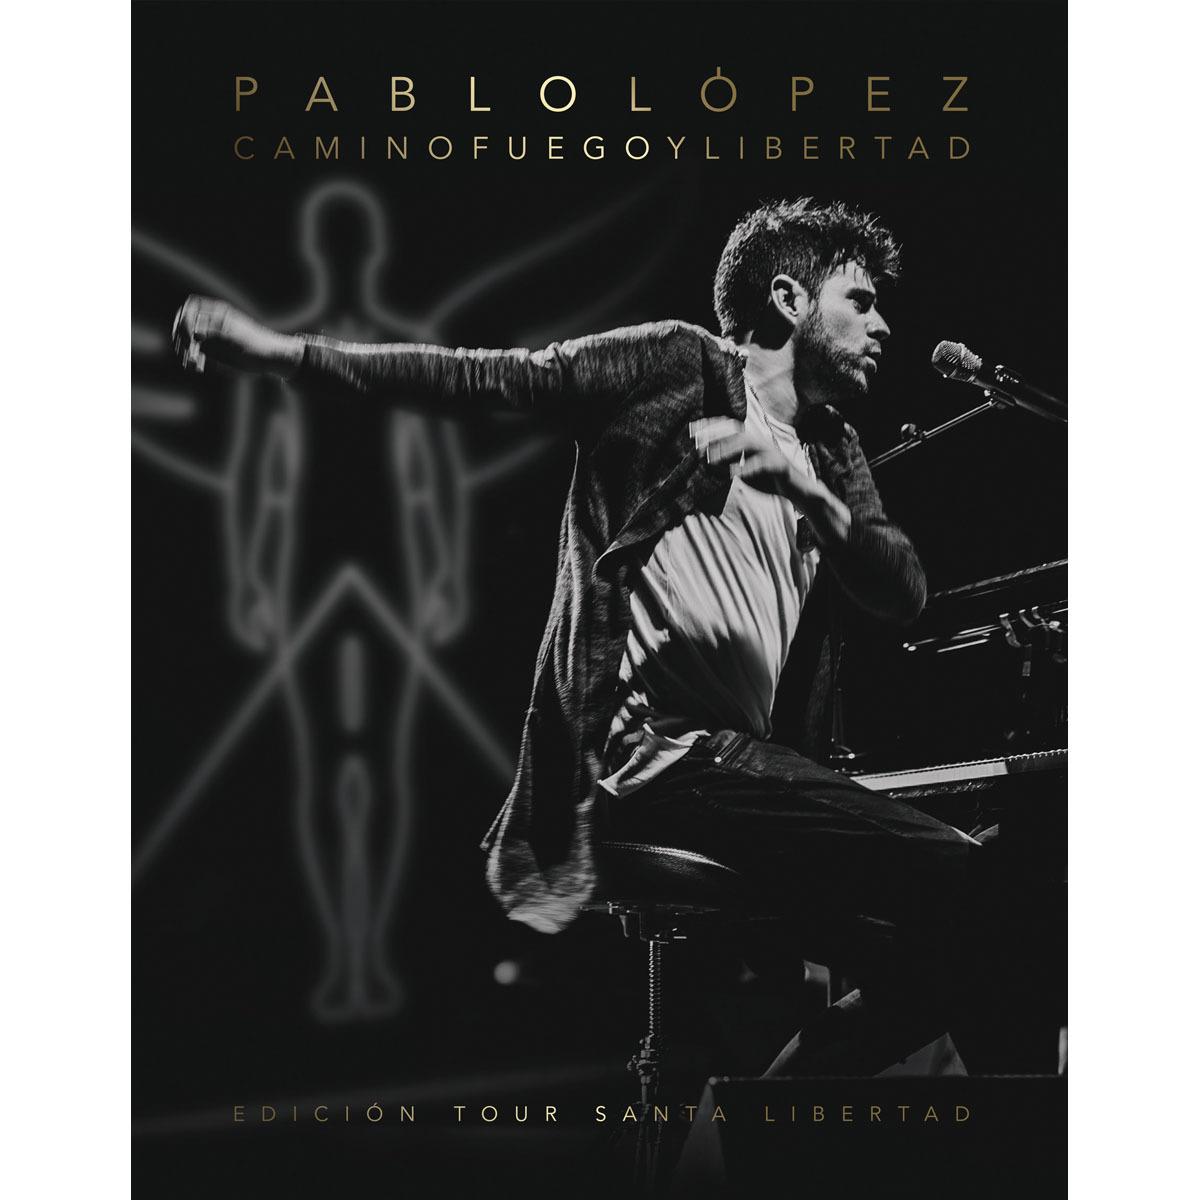 CAMINO DE FUEGO Y LIBERTAD -CD + DVD-